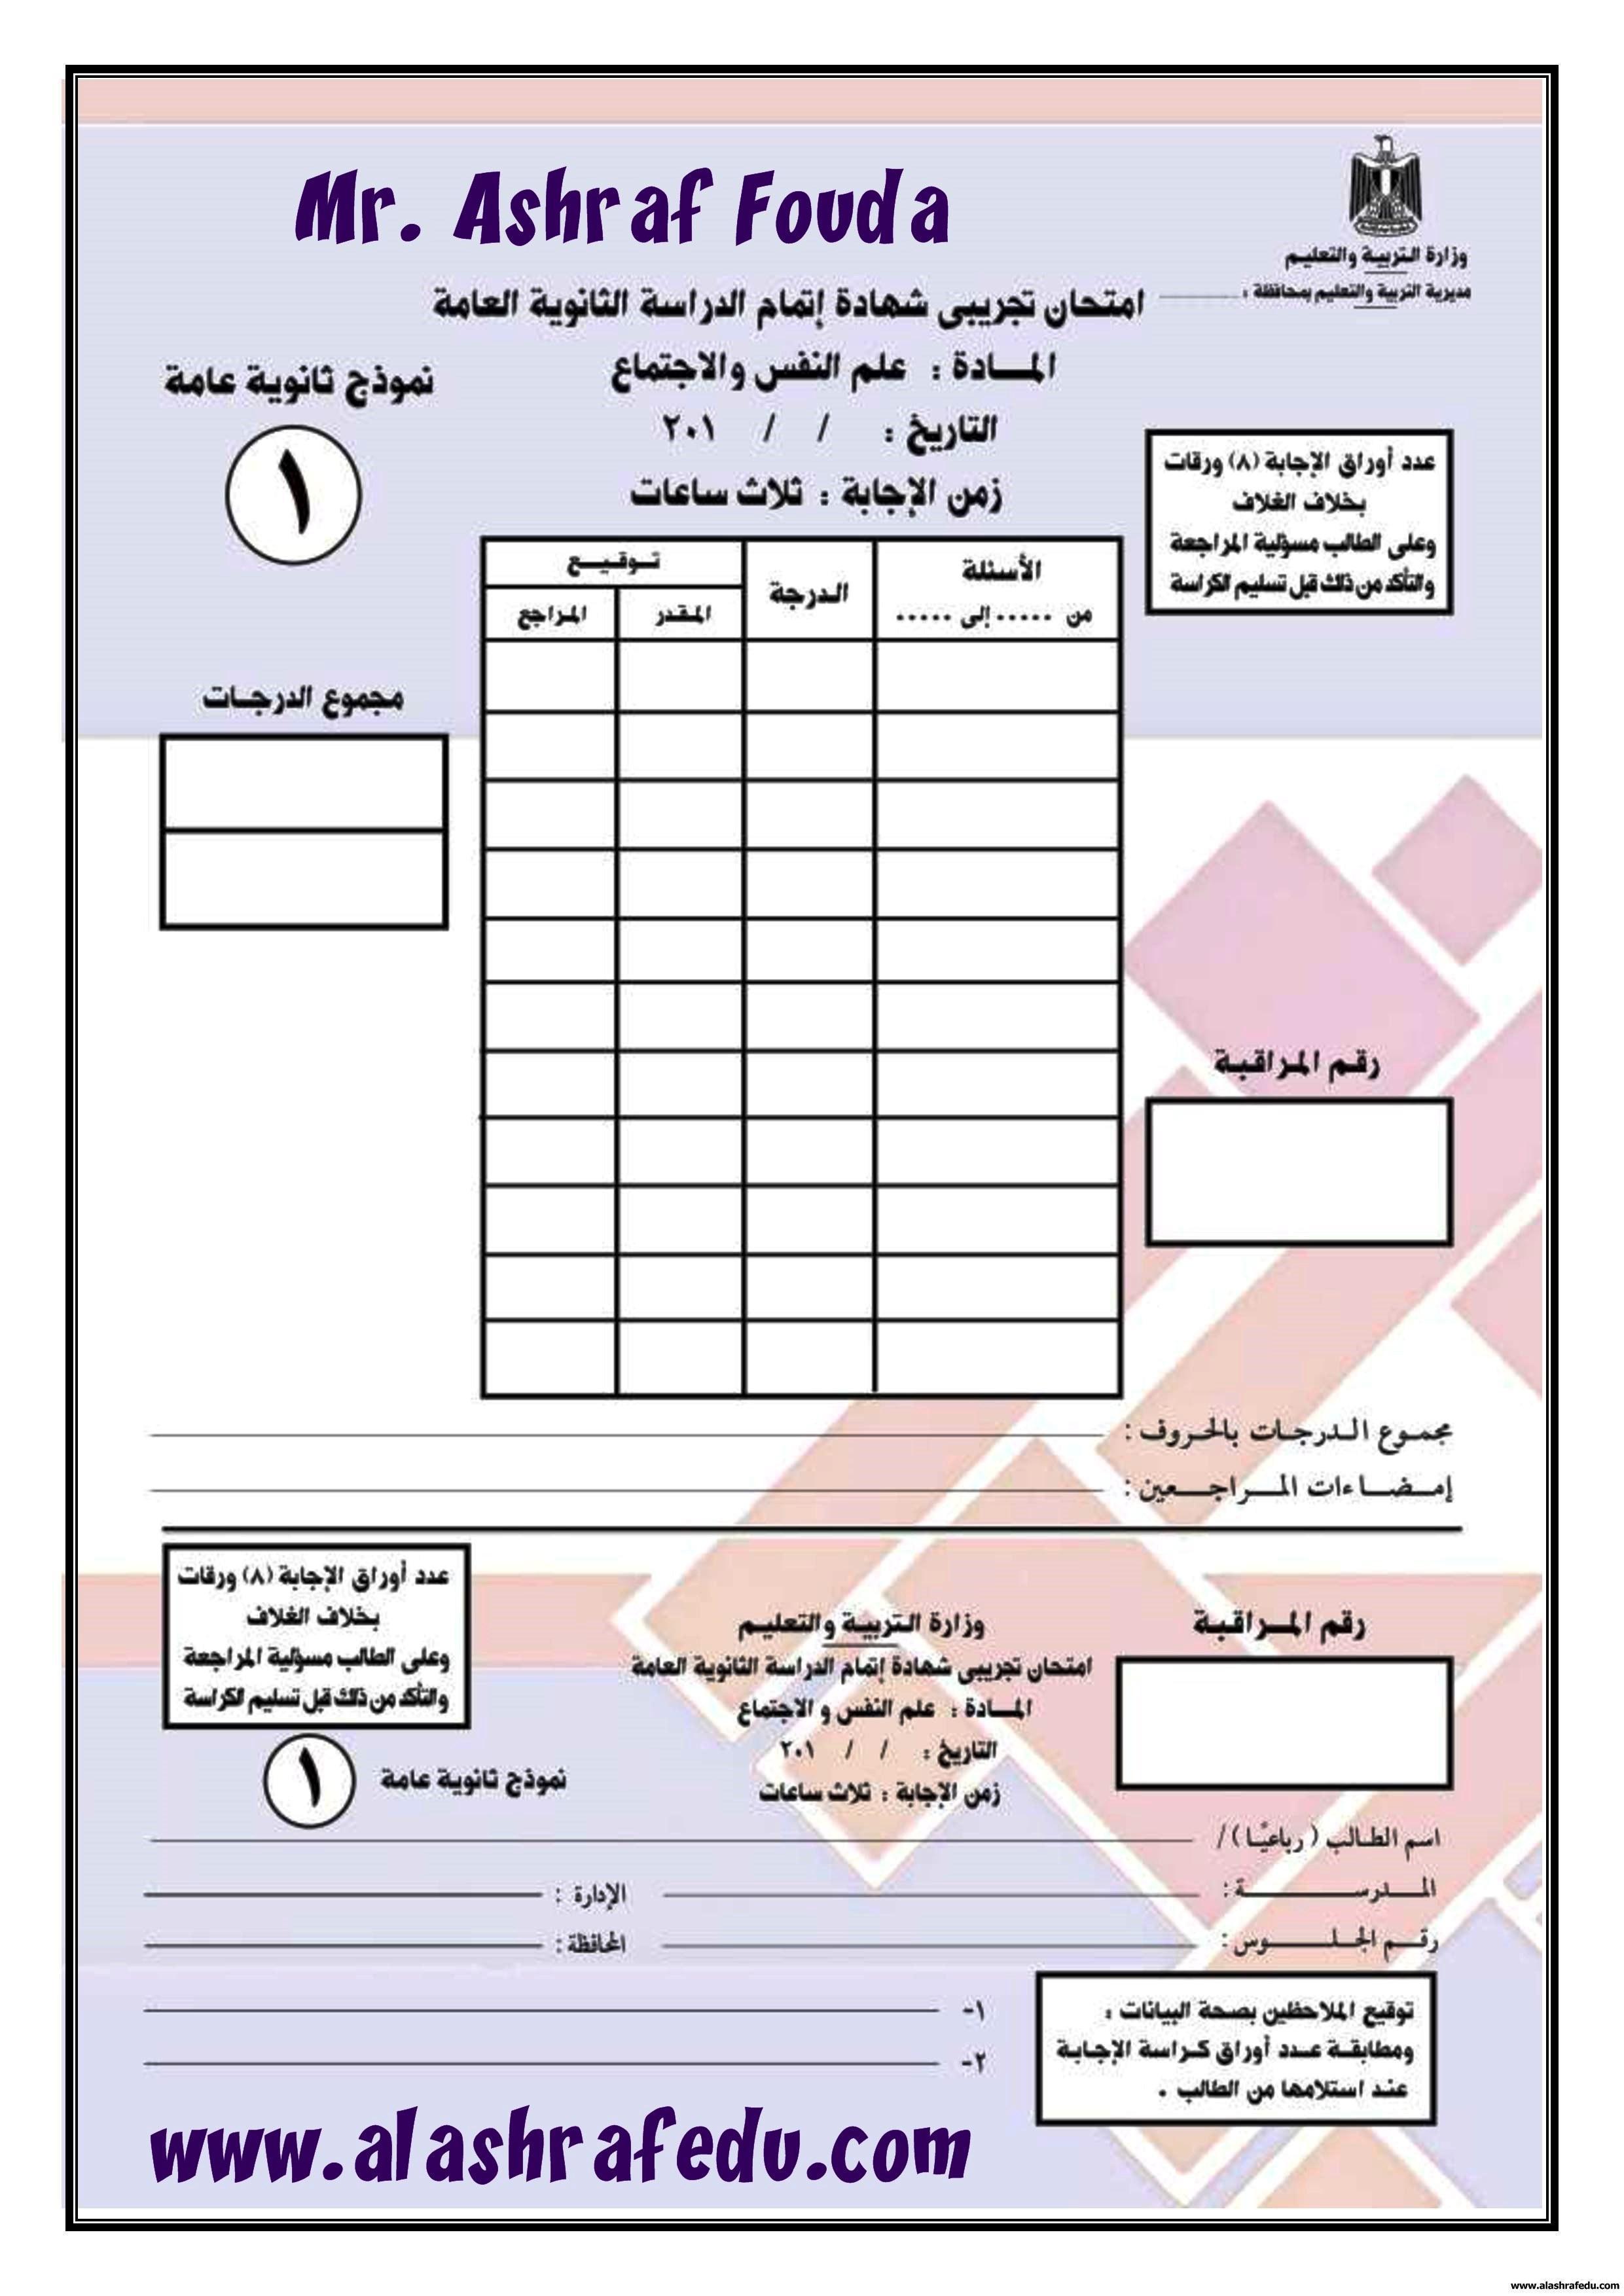 النموذج الجديد لإمتحان النفس الإجتماع www.alashrafedu.com1